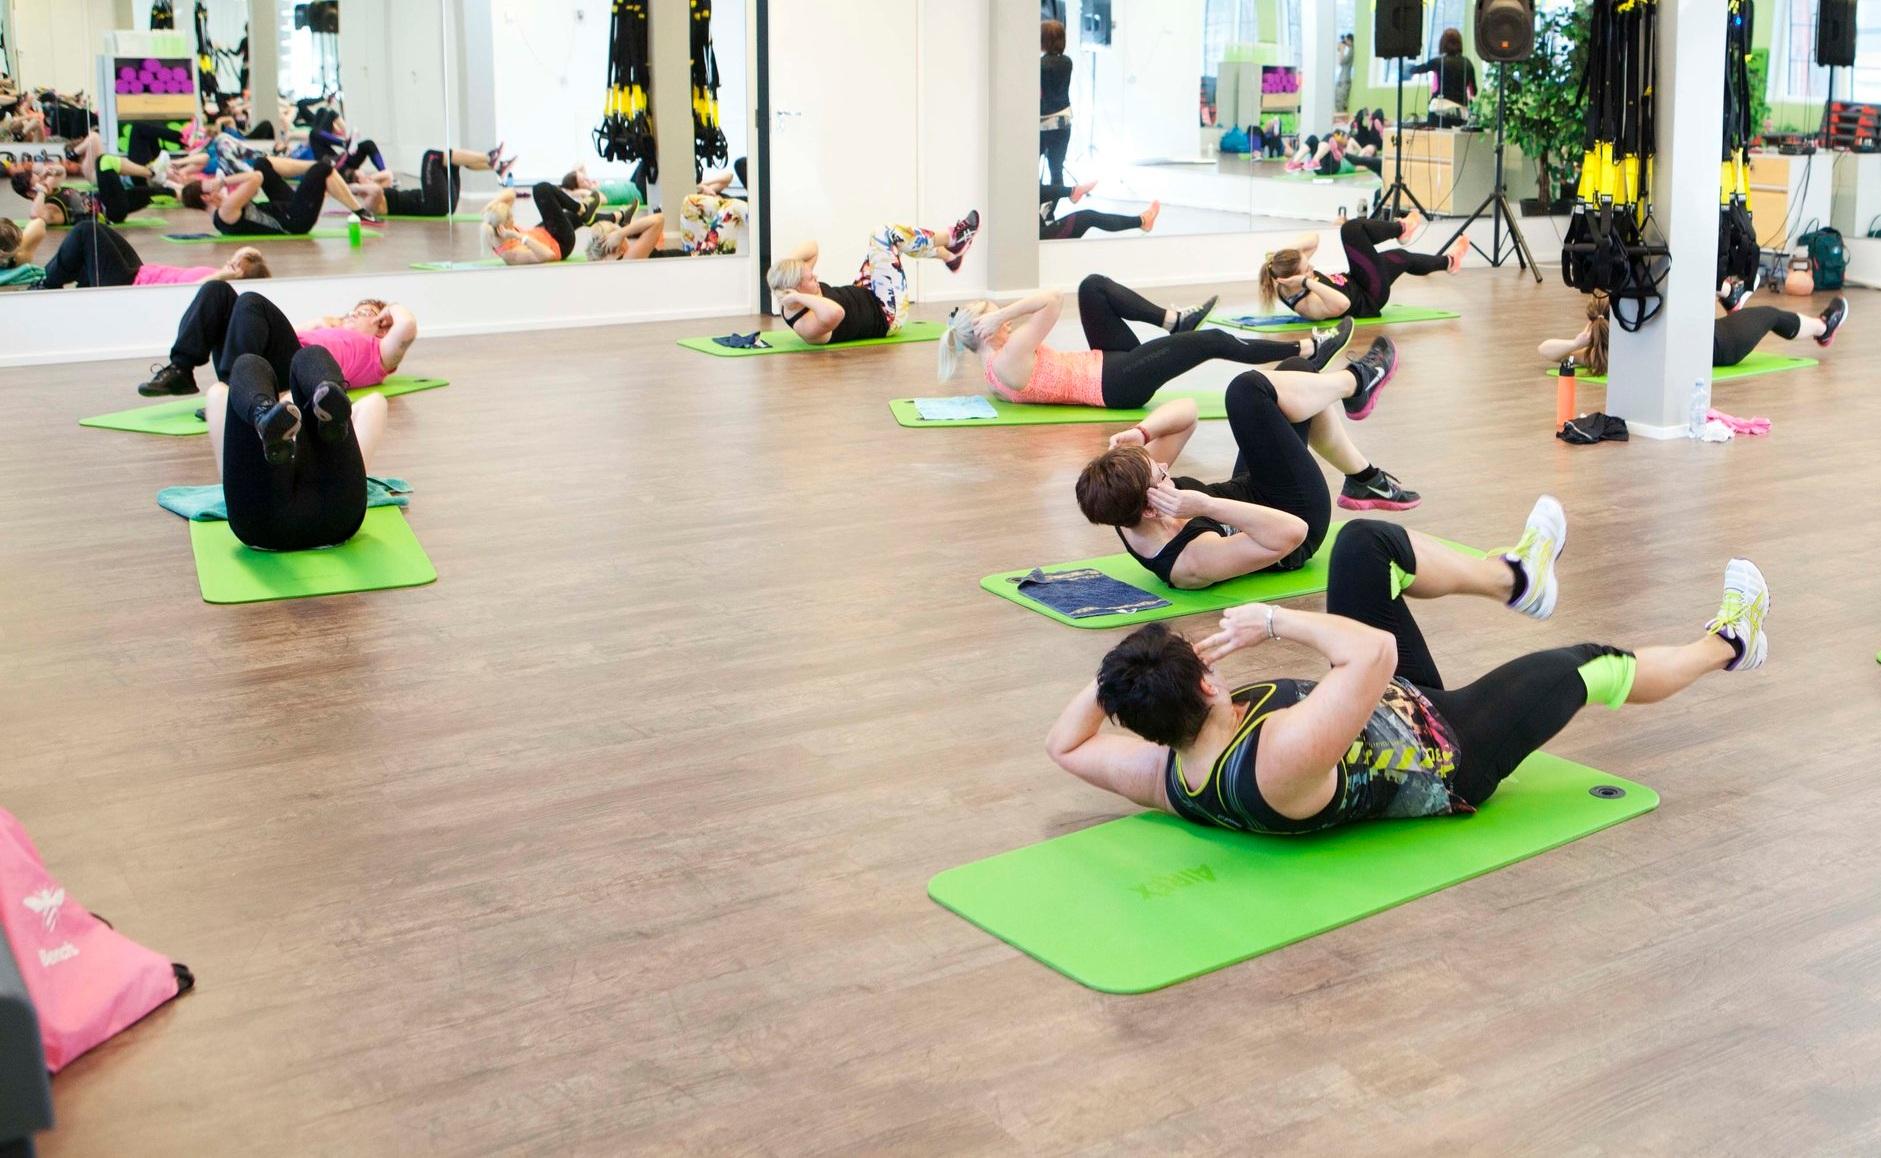 Älä aloita liian kovaa! Ota rauhallisesti, 1-3 liikuntasuoritusta viikkoon. Pikku hiljaa voit lisätä liikunnan määrää!